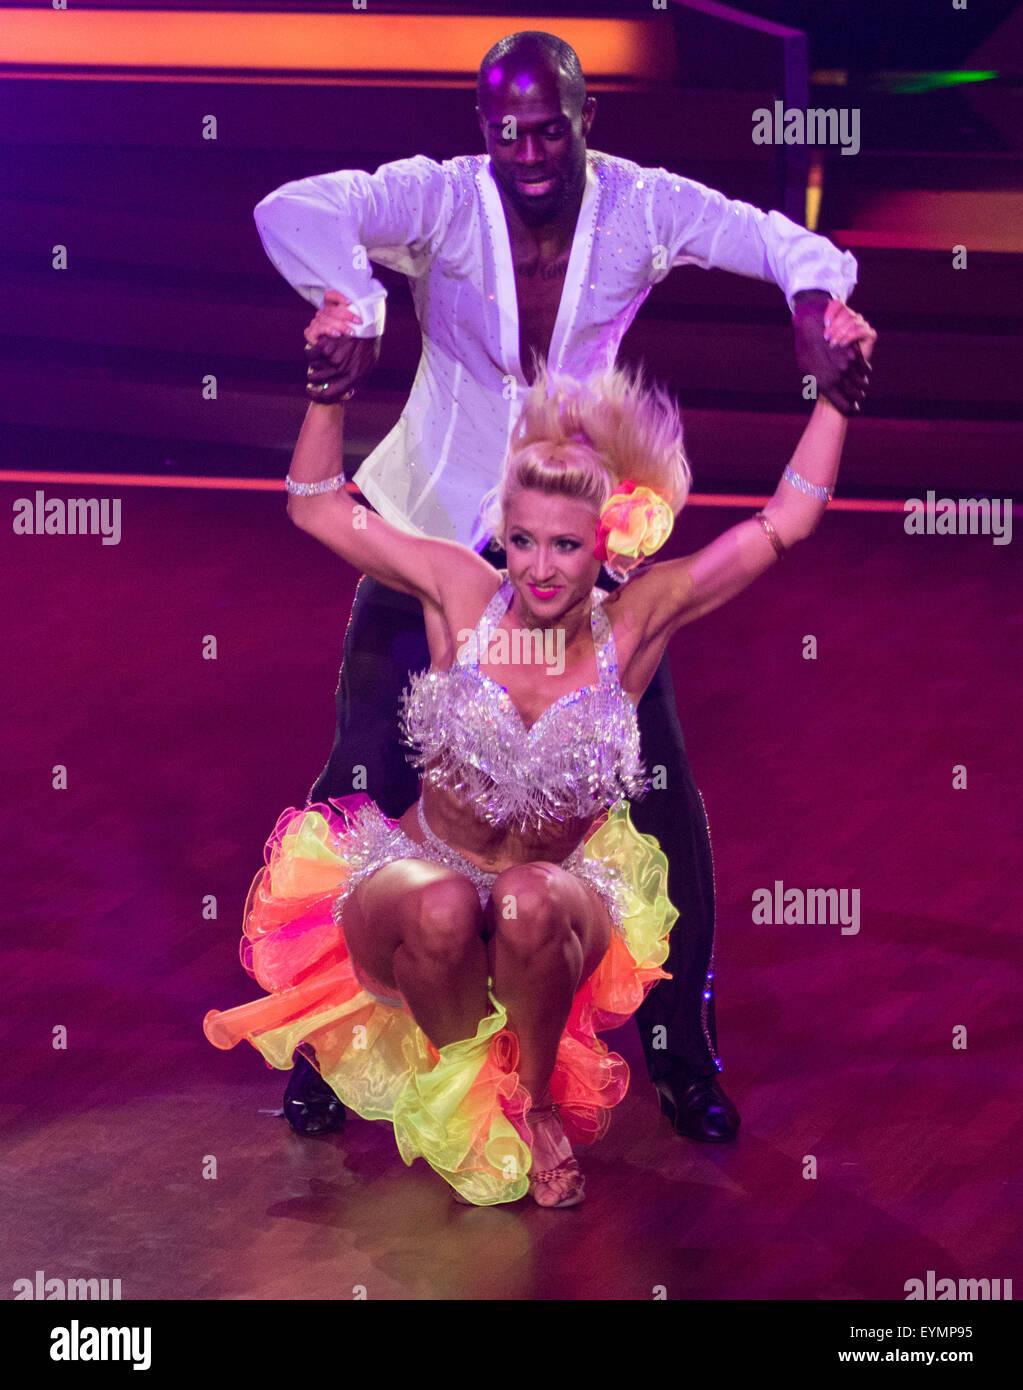 Deutsche Rtl Tv Show Let S Dance Am Coloneum Featuring Hans Sarpei